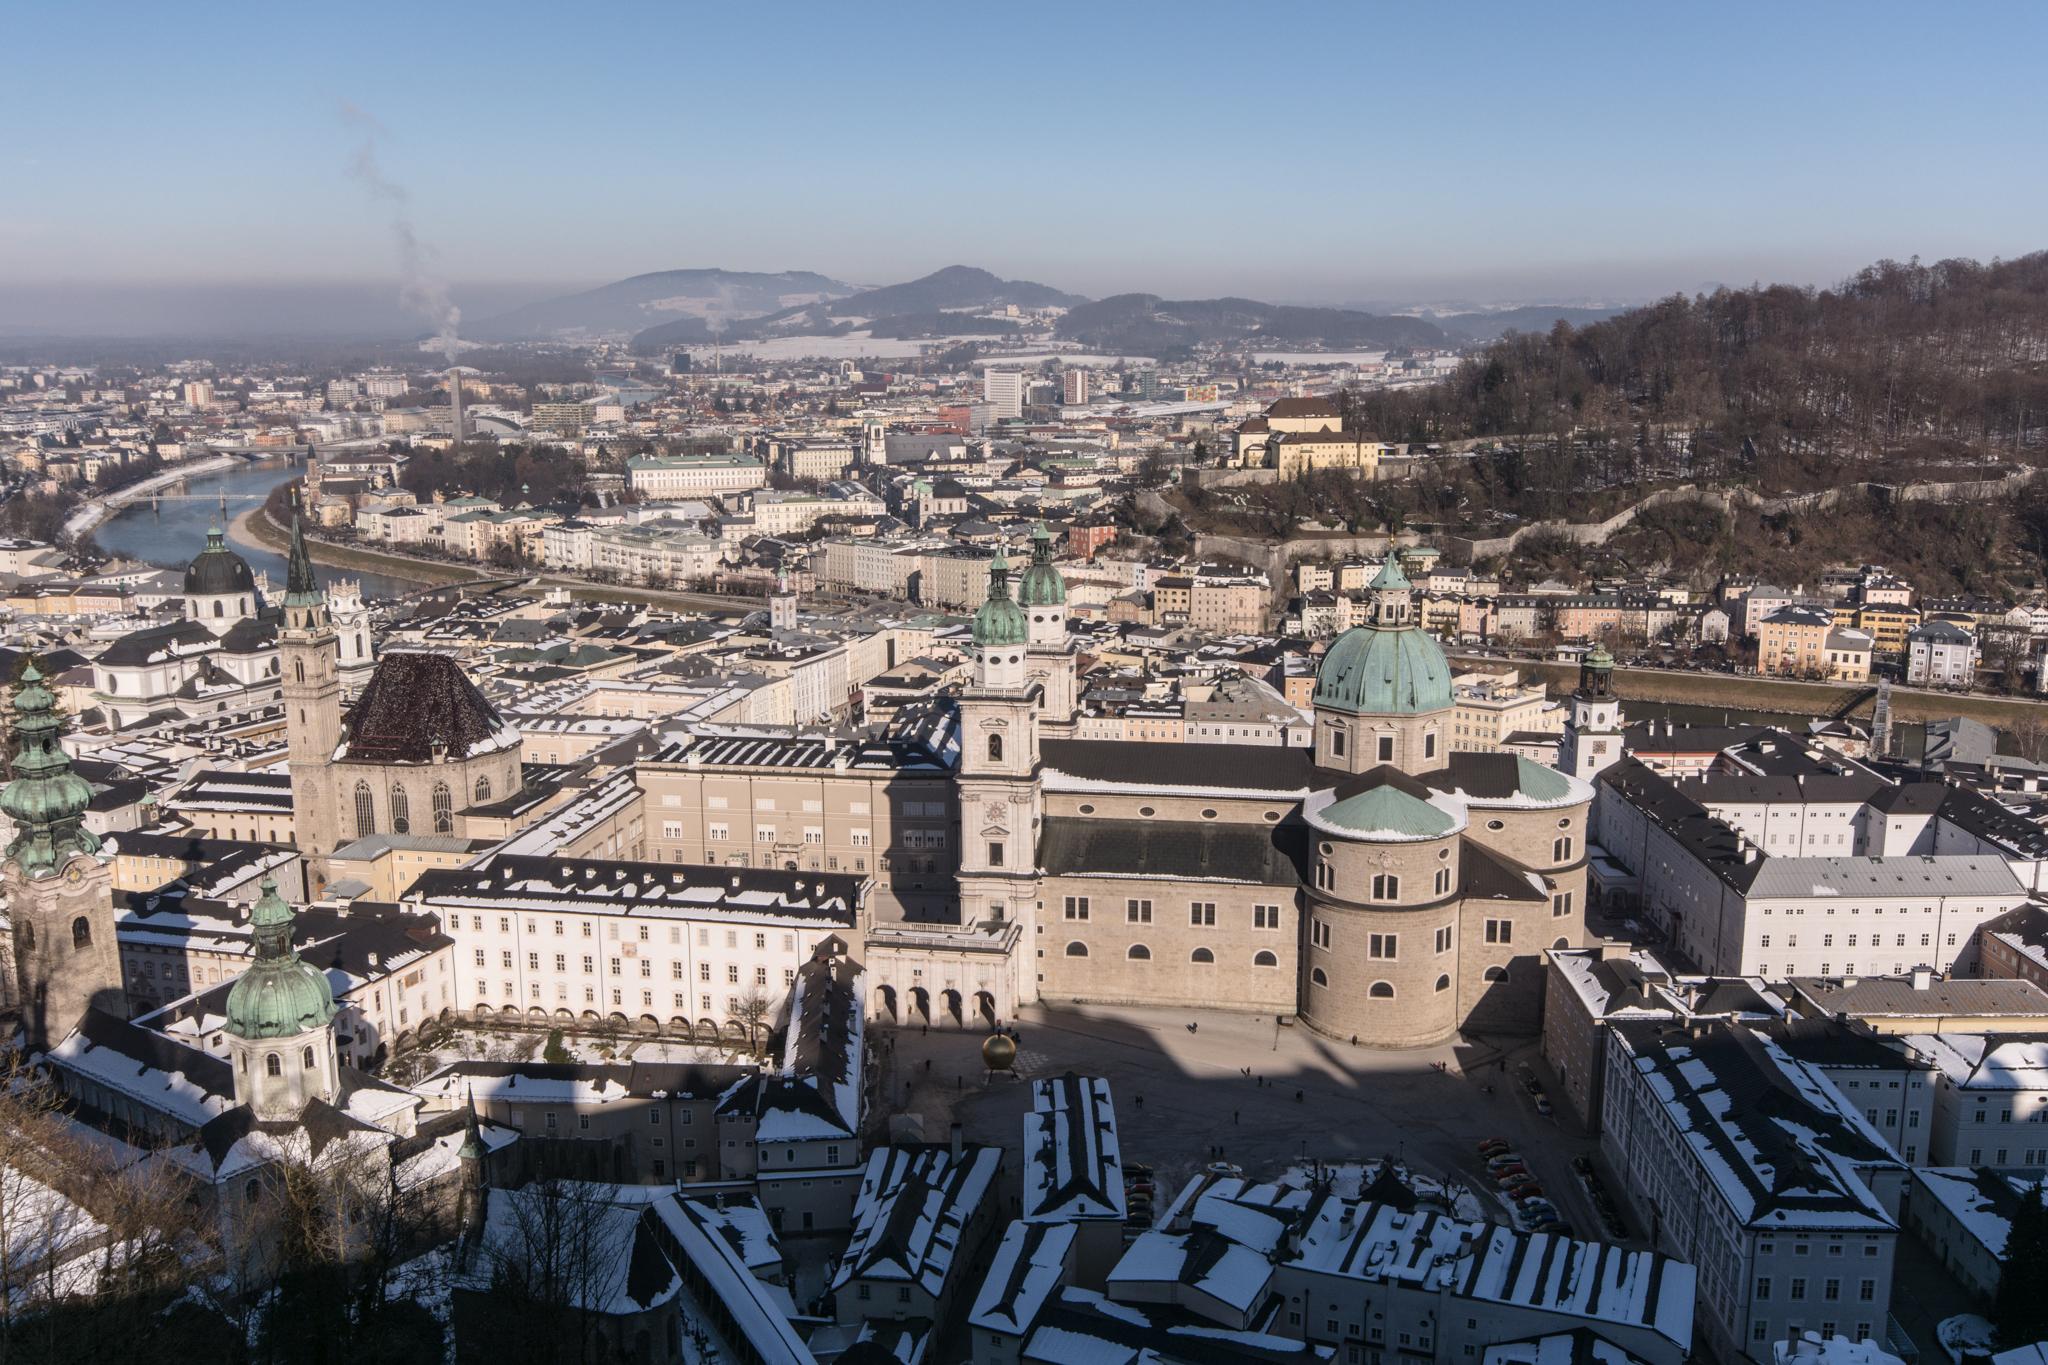 Blick auf die Altstadt von der Hohensalzburg